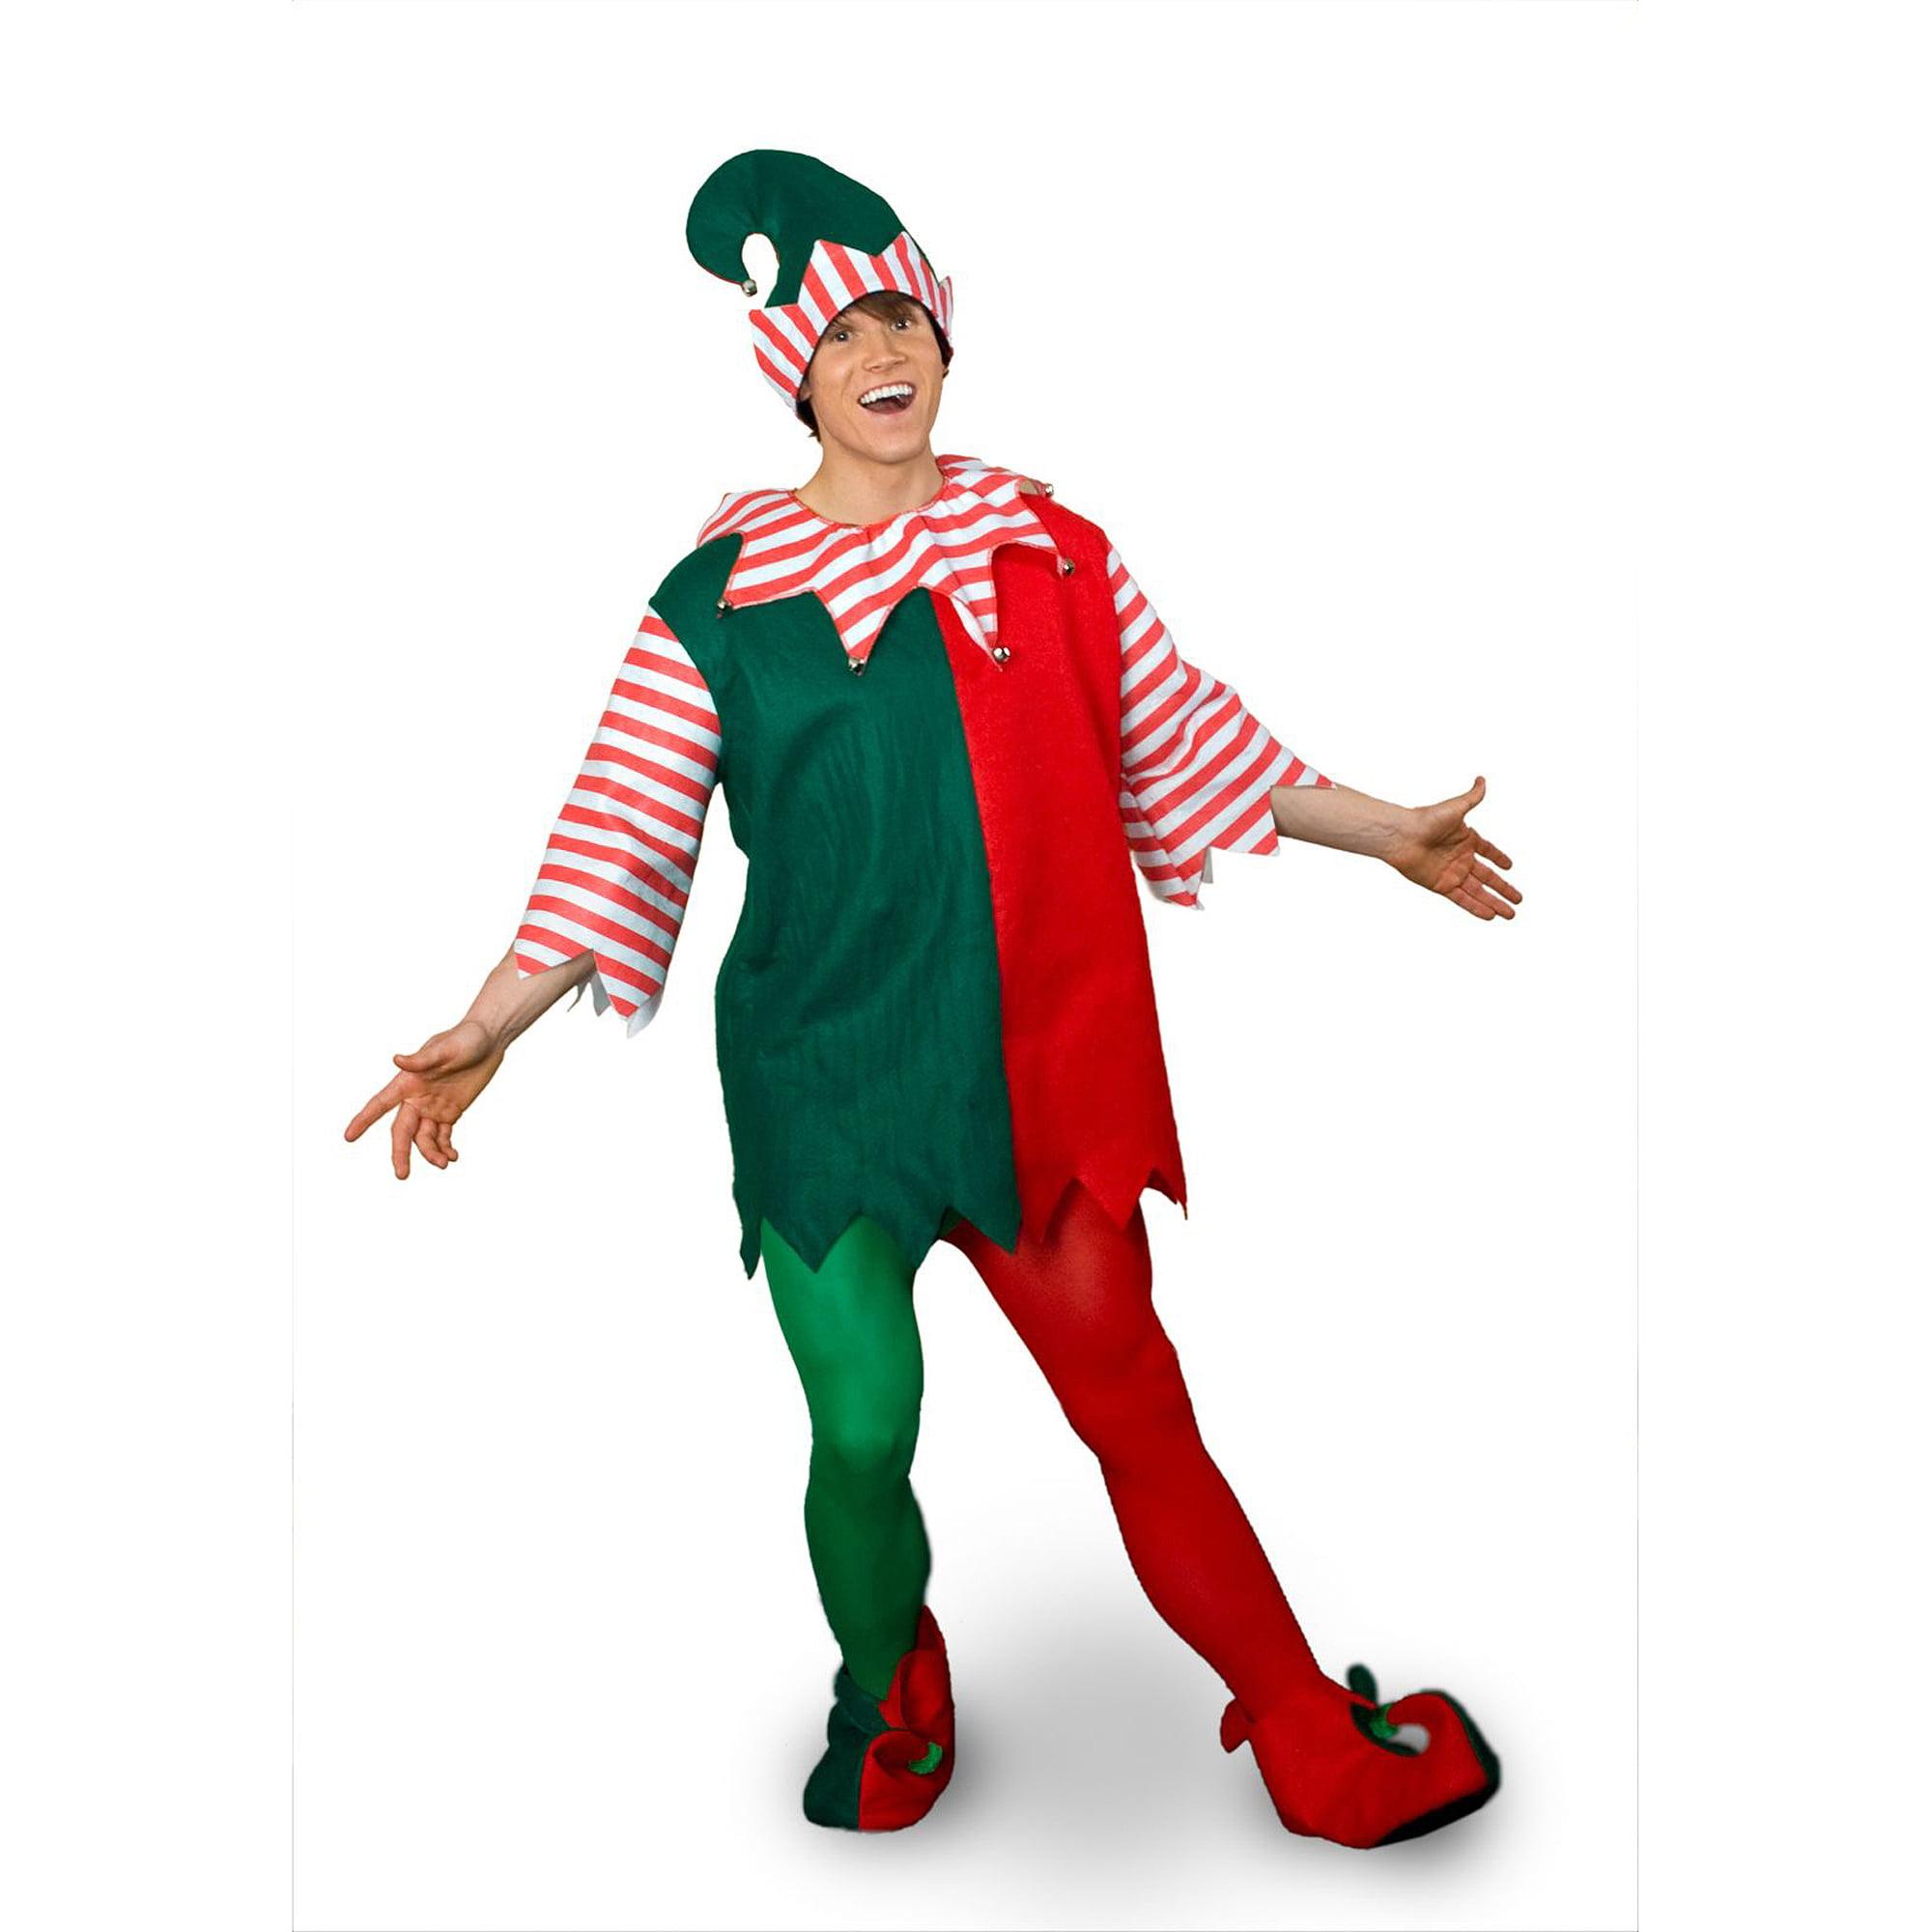 Sunnywood Elf Adult Costume